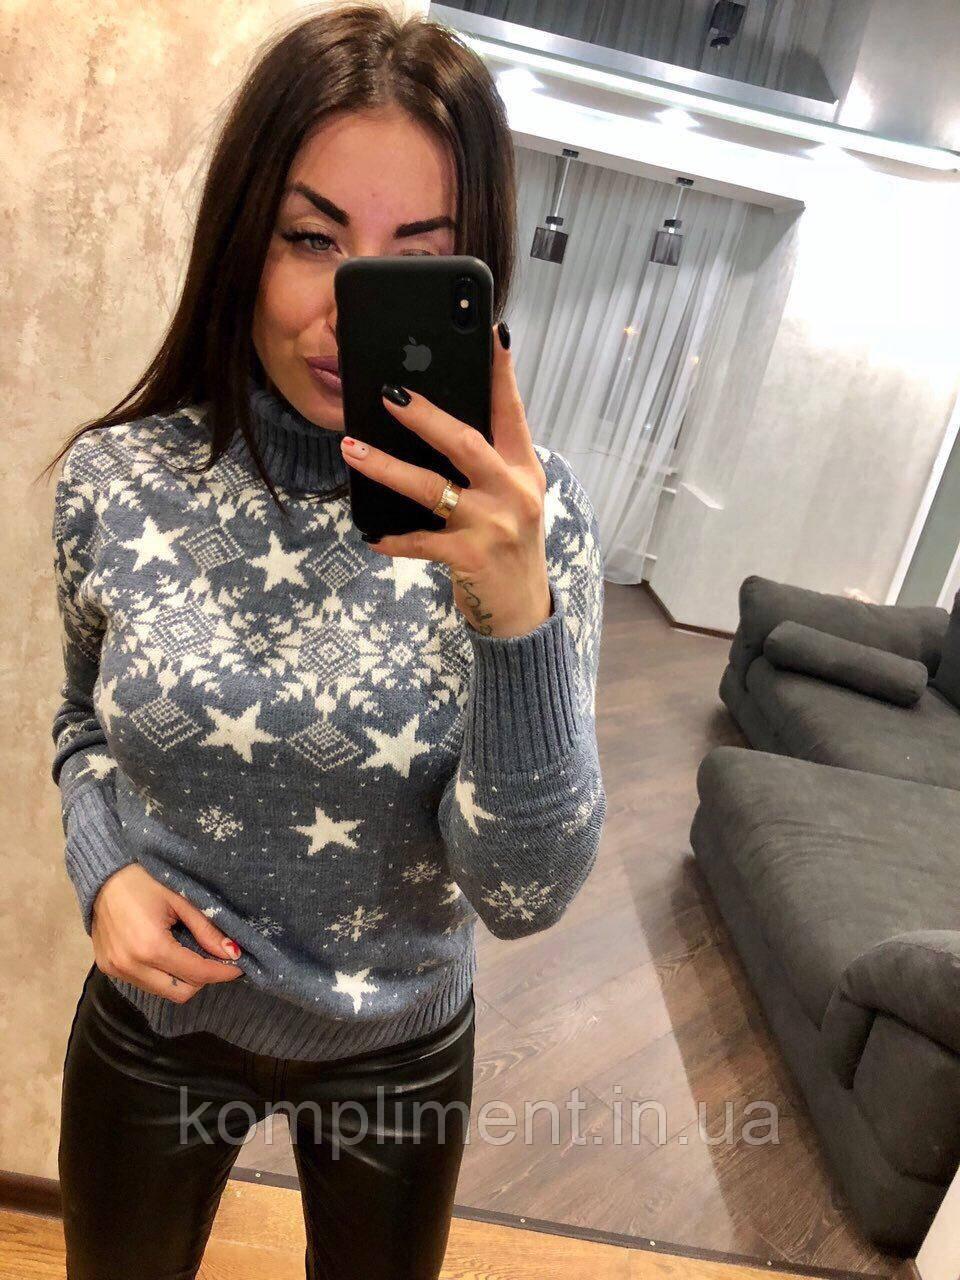 Вовняний жіночий в'язаний светр з малюнком зірочка,блакитний.Туреччина